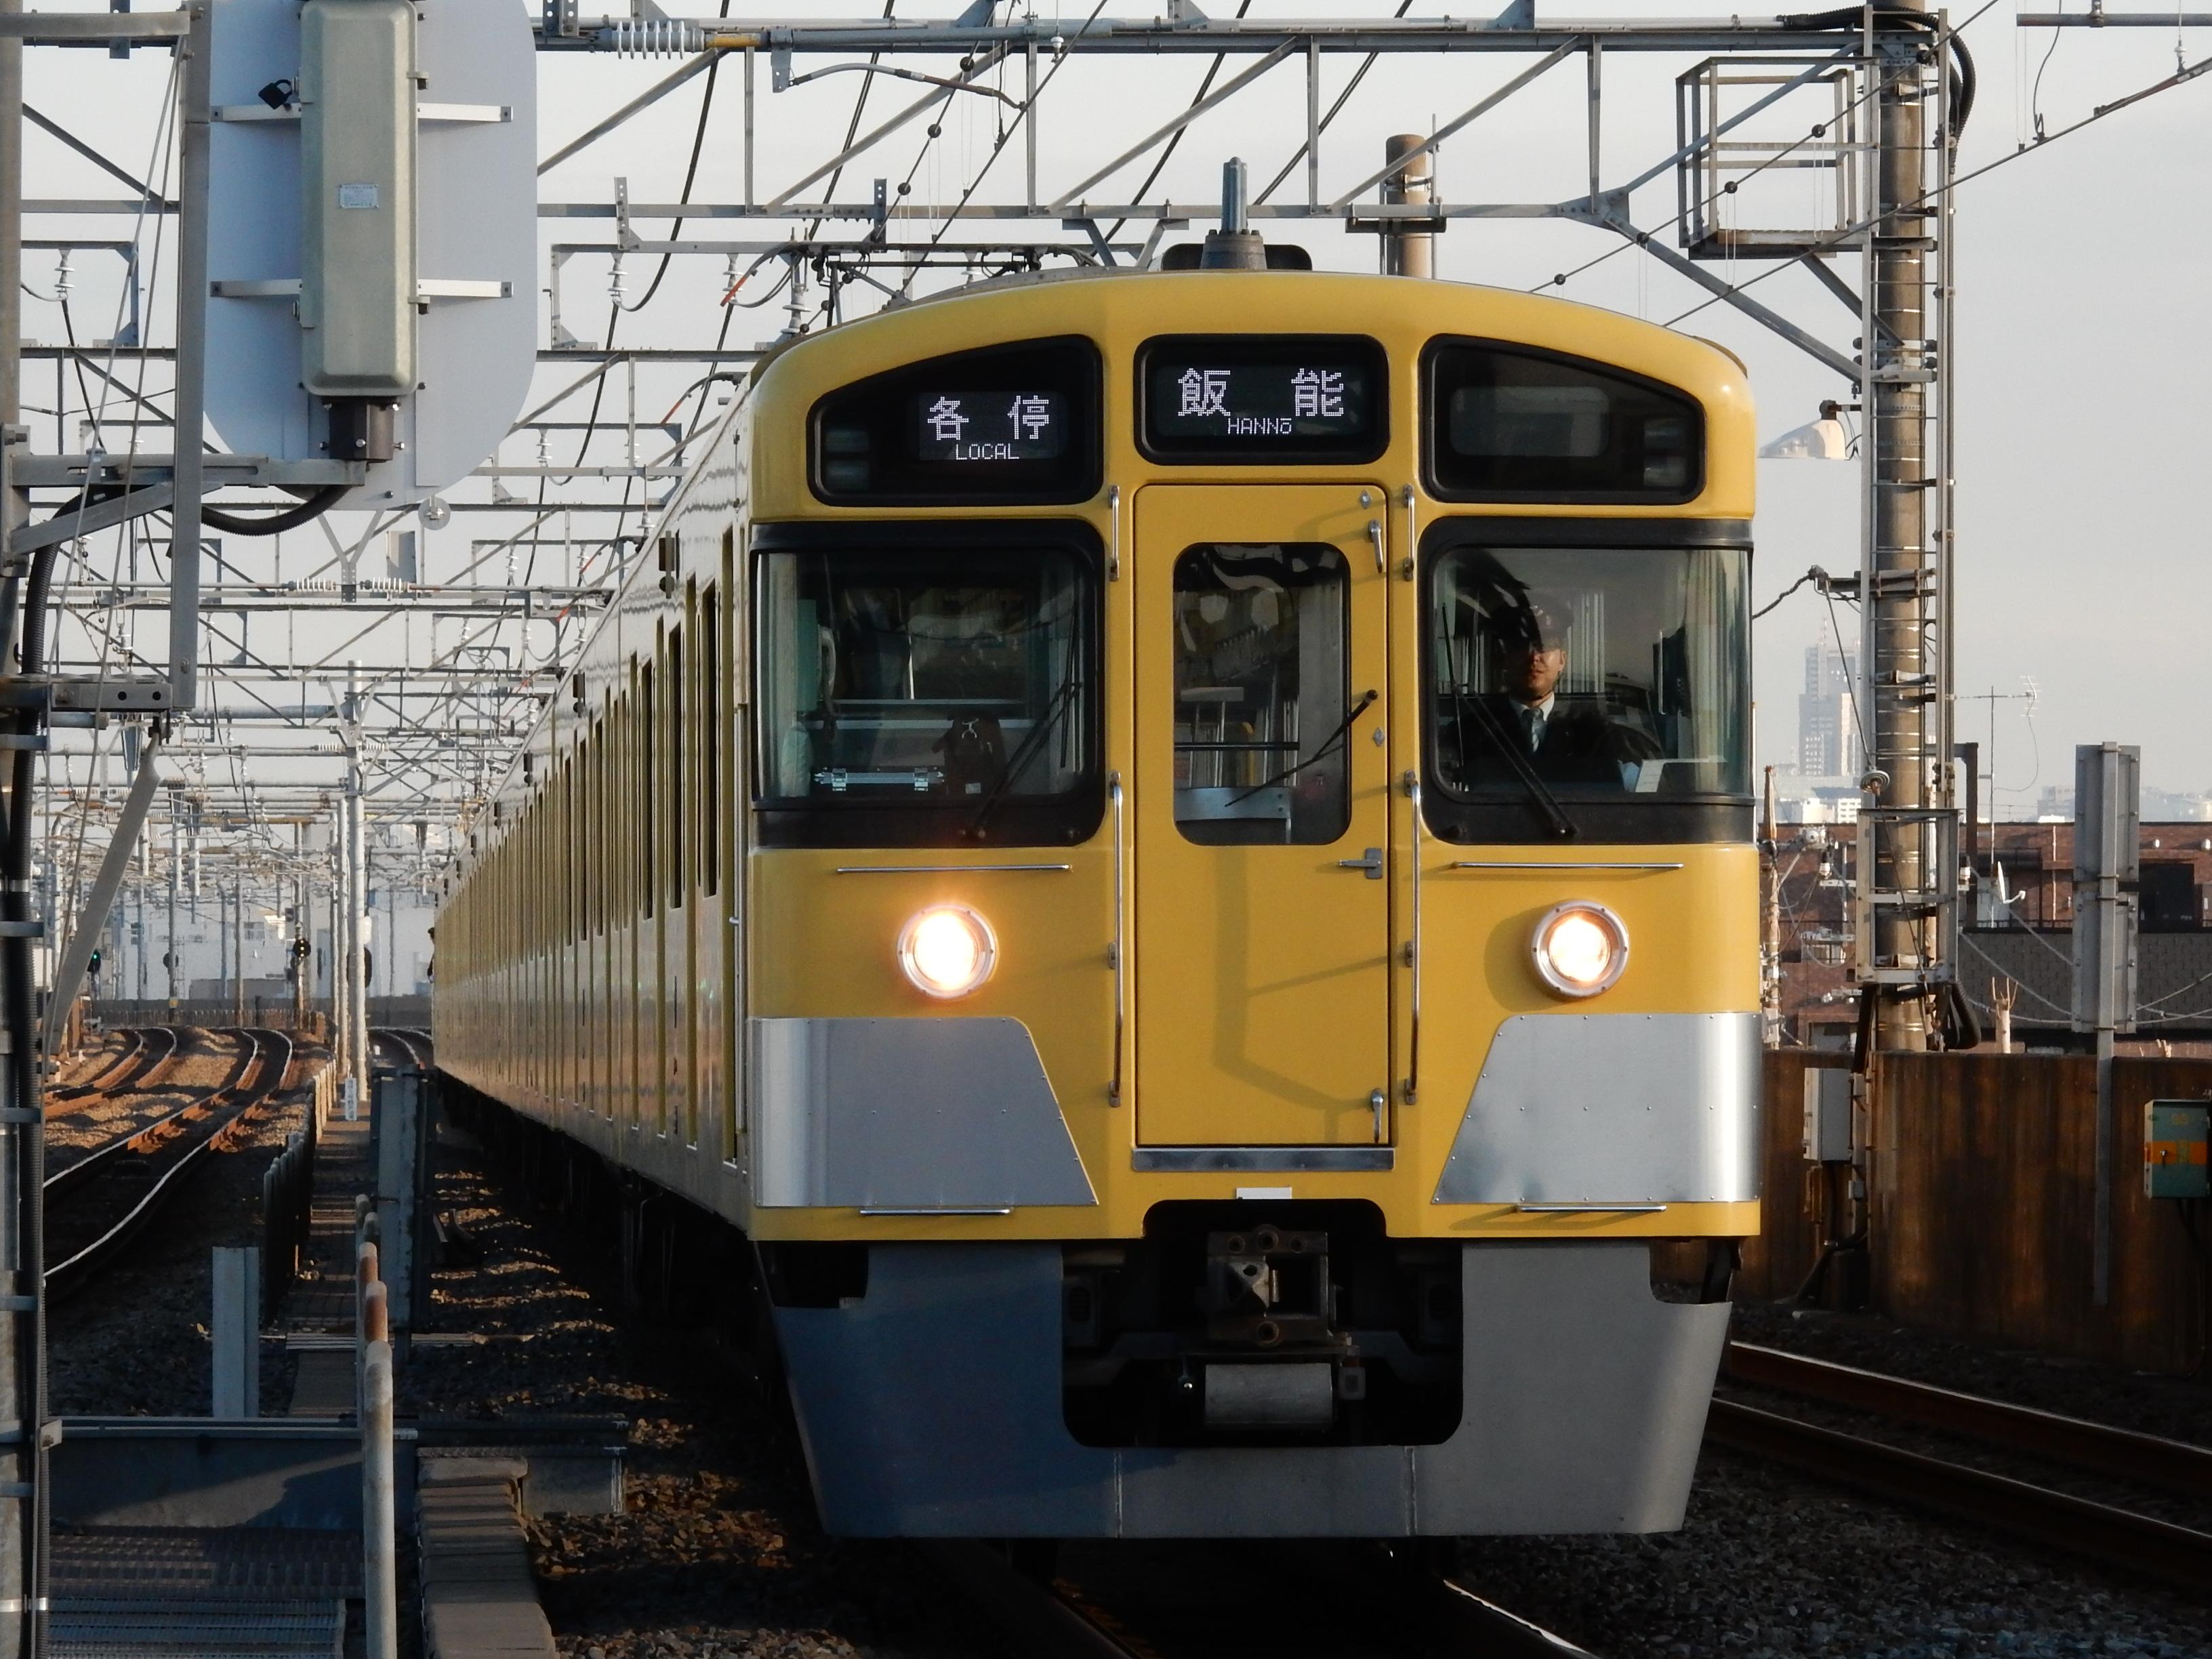 DSCN0003.jpg